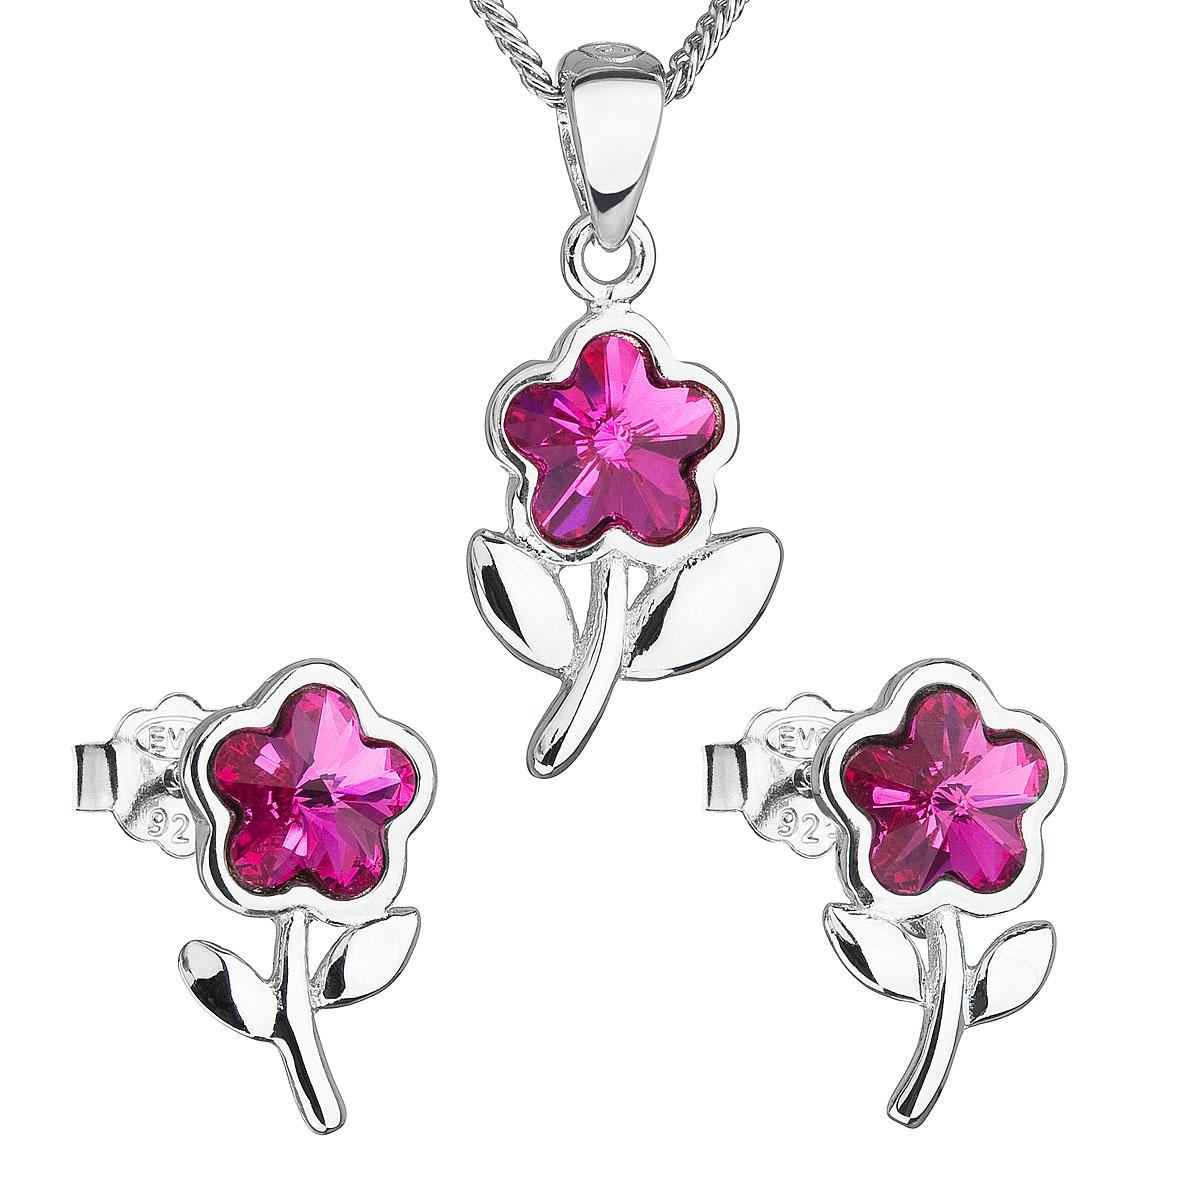 Sada šperkov s krištálmi Swarovski náušnice,retiazka a prívesok ružová kytička 39172.3 fuchsia